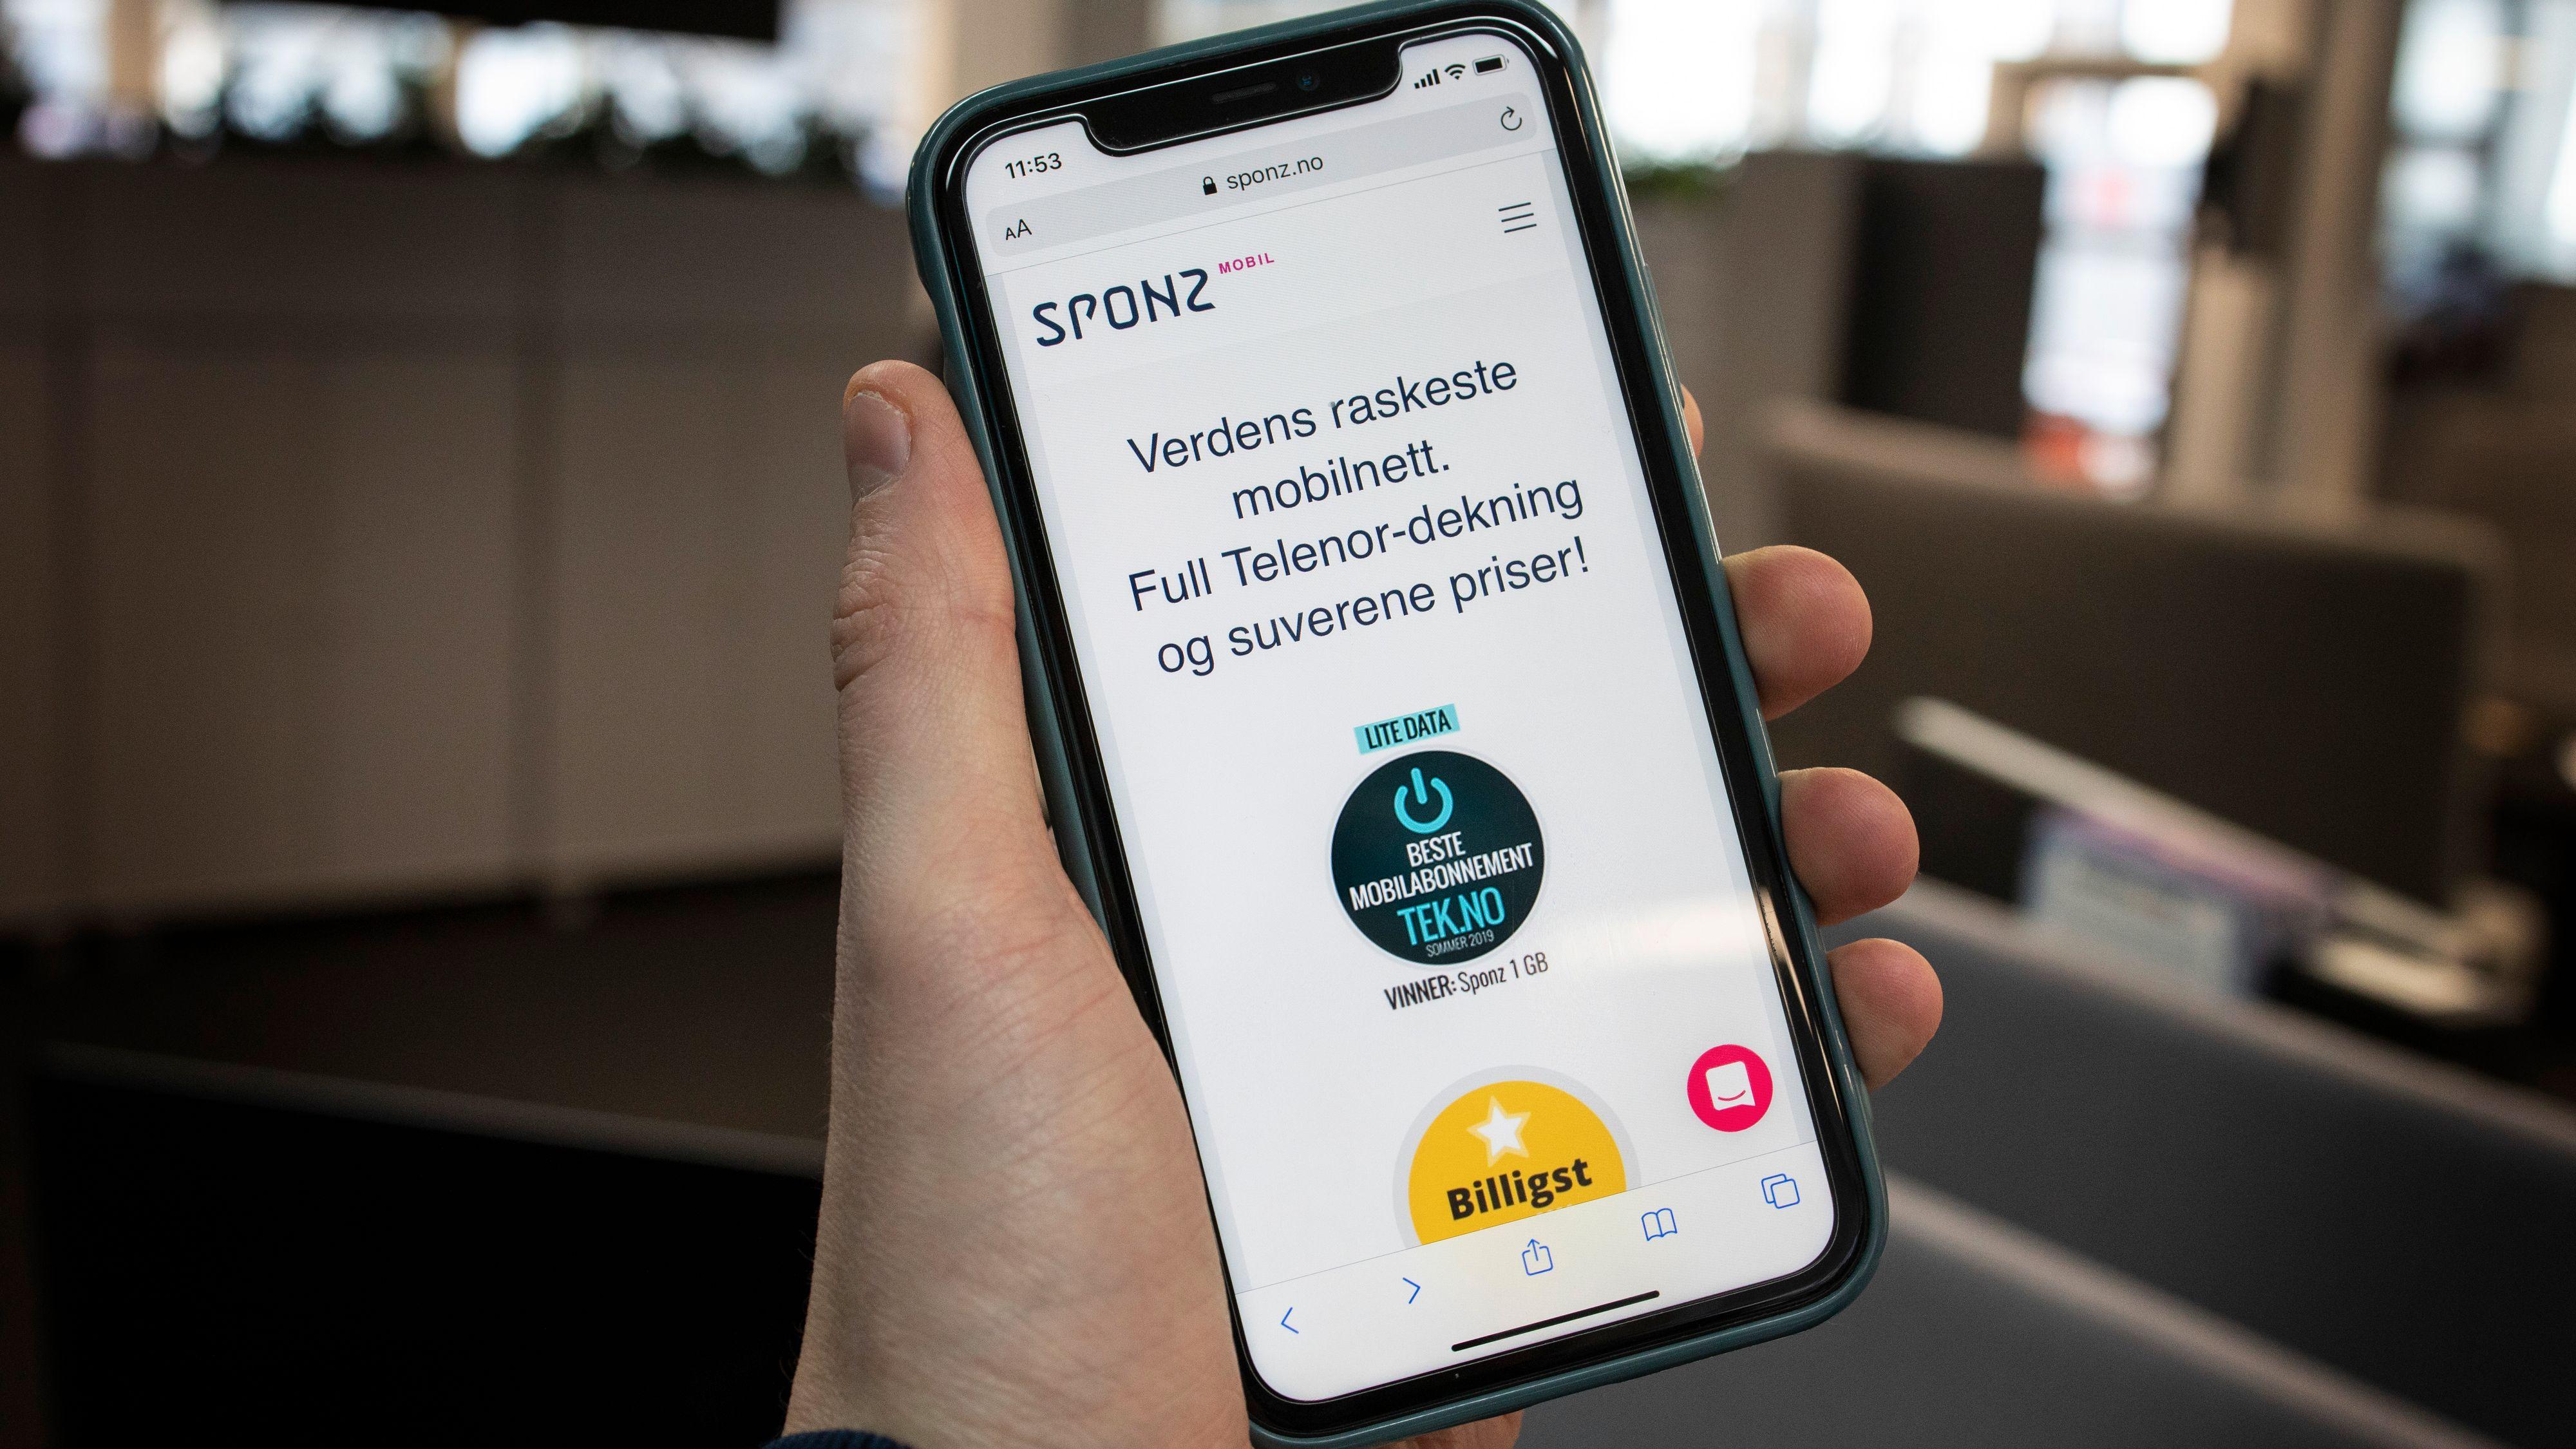 Sponz opphører og Hudya overtar mobilkundene 1. mars.